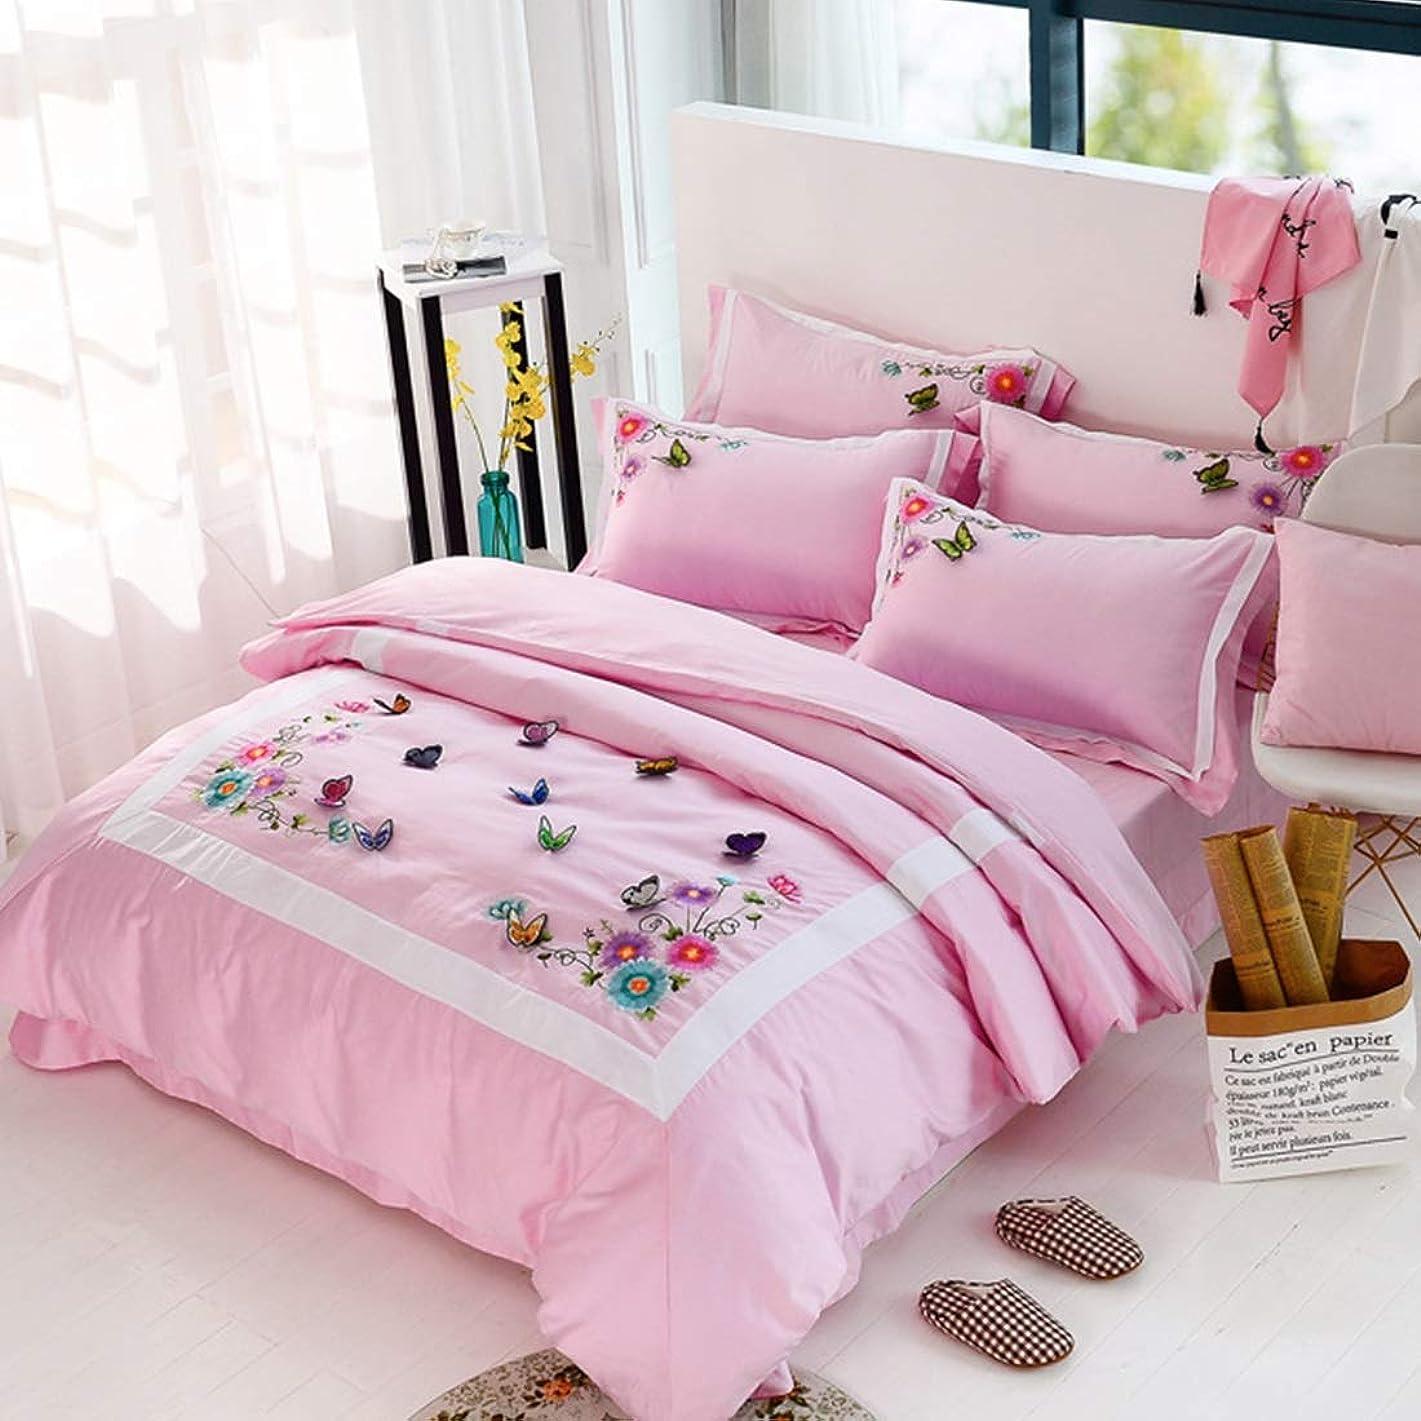 平和メロディアスすばらしいですFELICIAAA ロングフリースフルコットンバタフライ3次元刺繍の4ピース純粋な綿サテンの家庭用寝具。 (色 : ピンク, サイズ : 180-200CM)